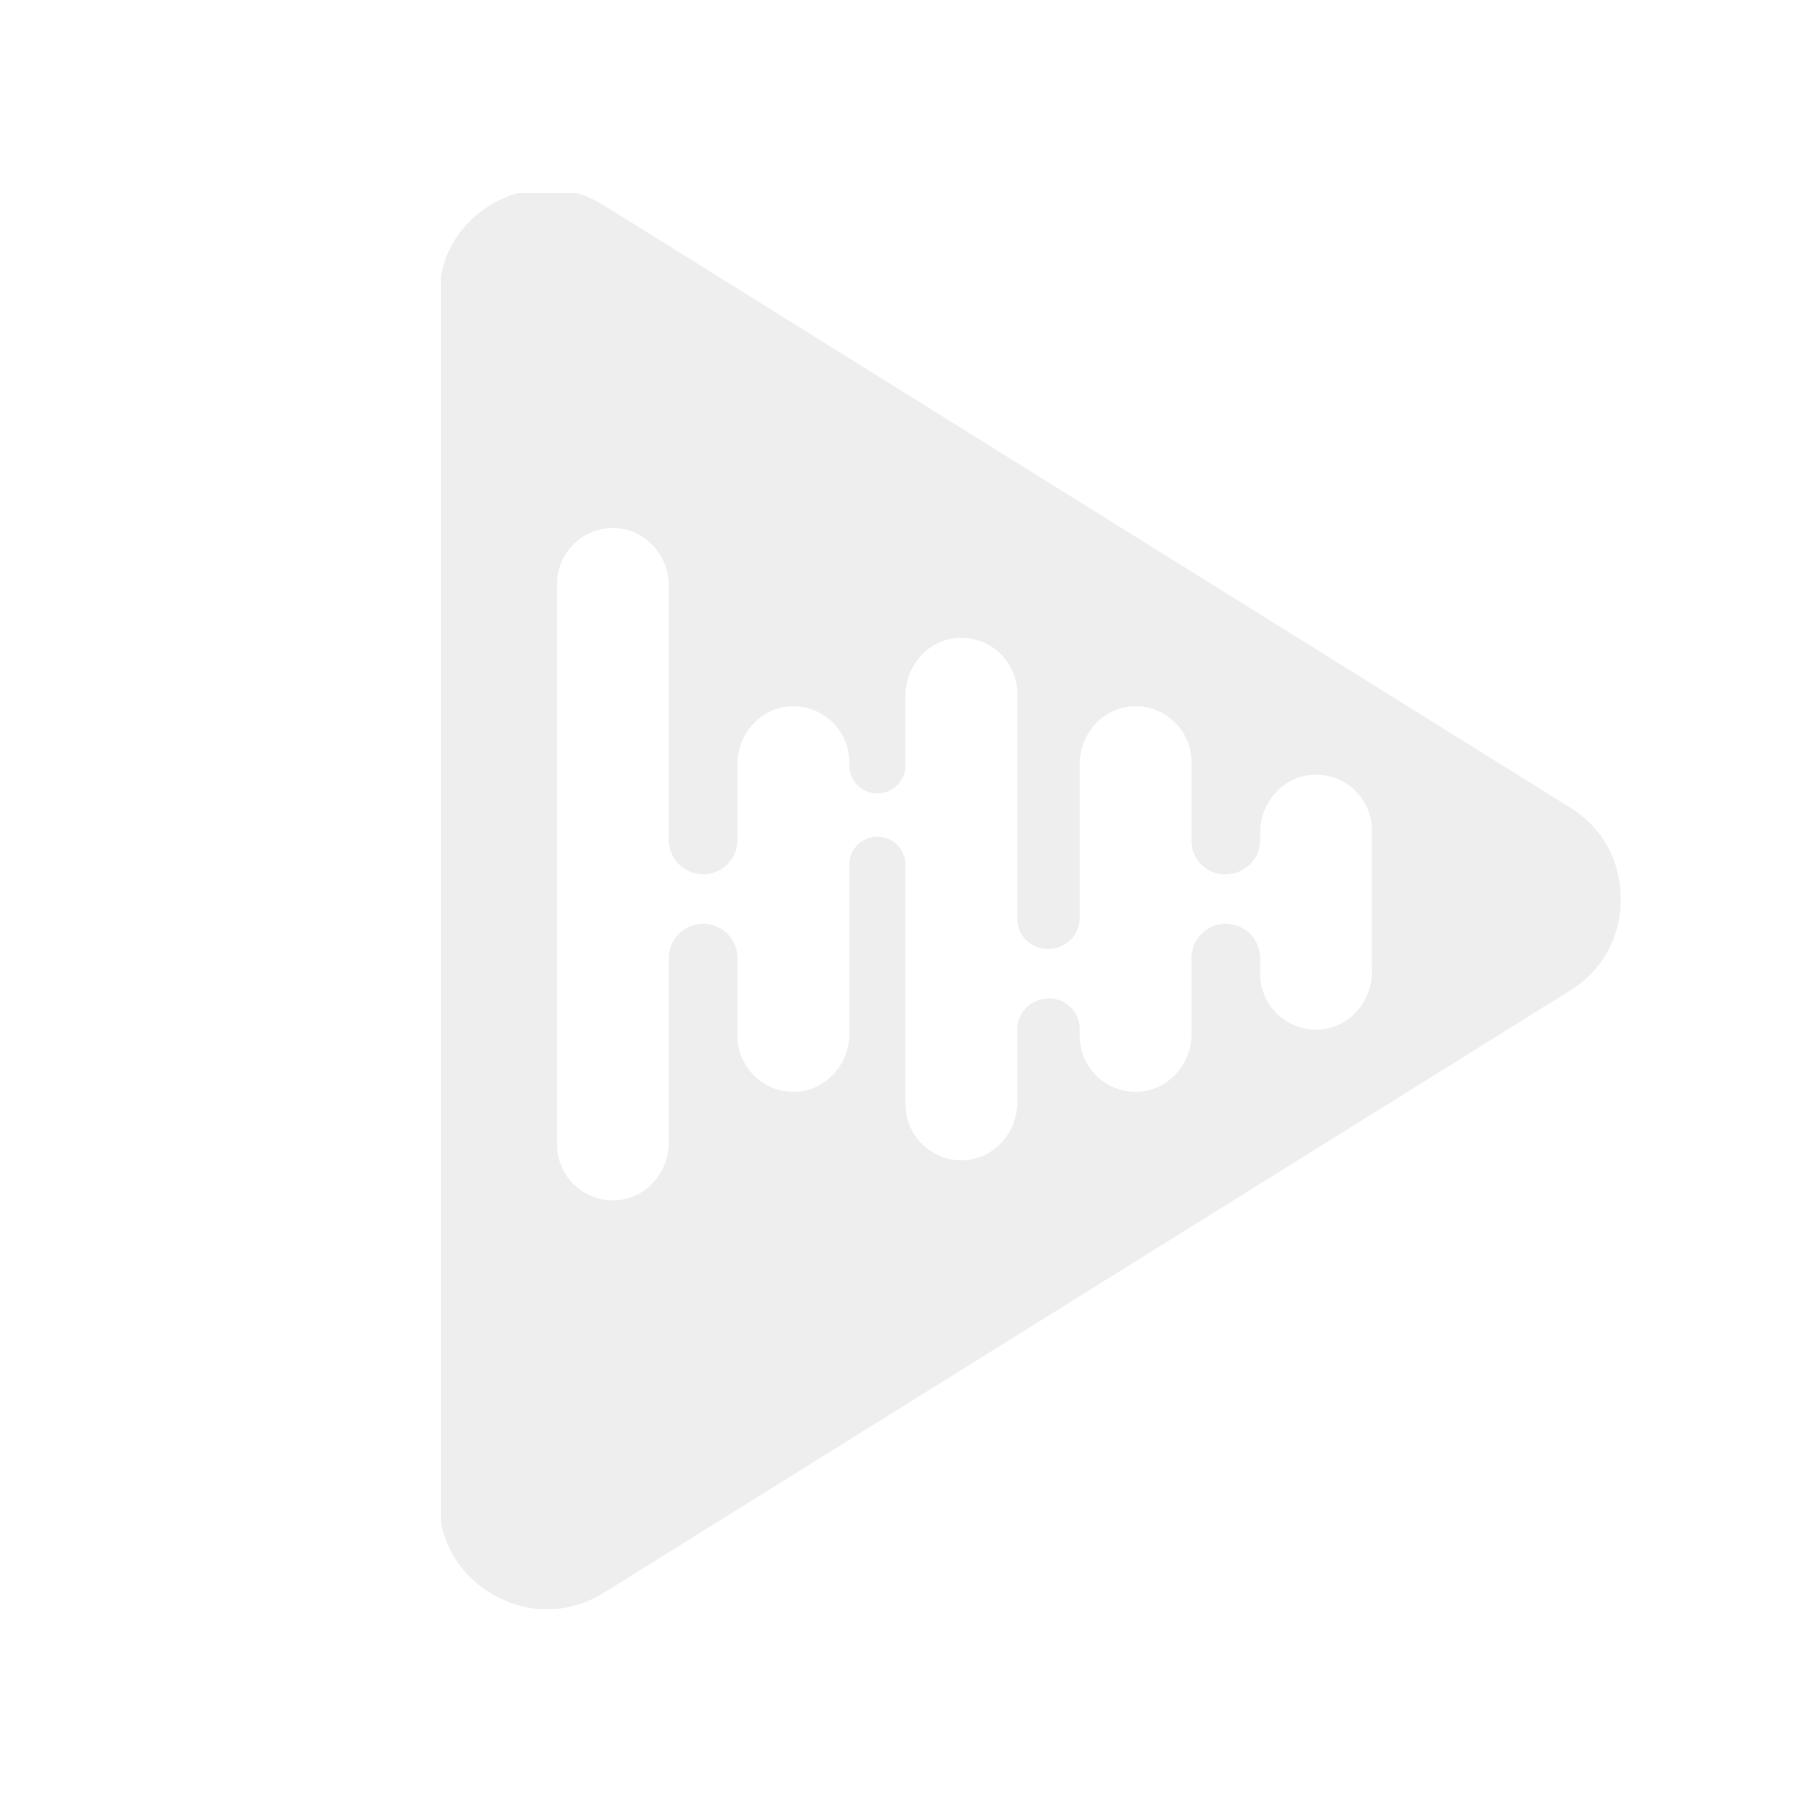 Oehlbach MMT FRAME - Monteringsramme for ELKO-boks/norsk standard